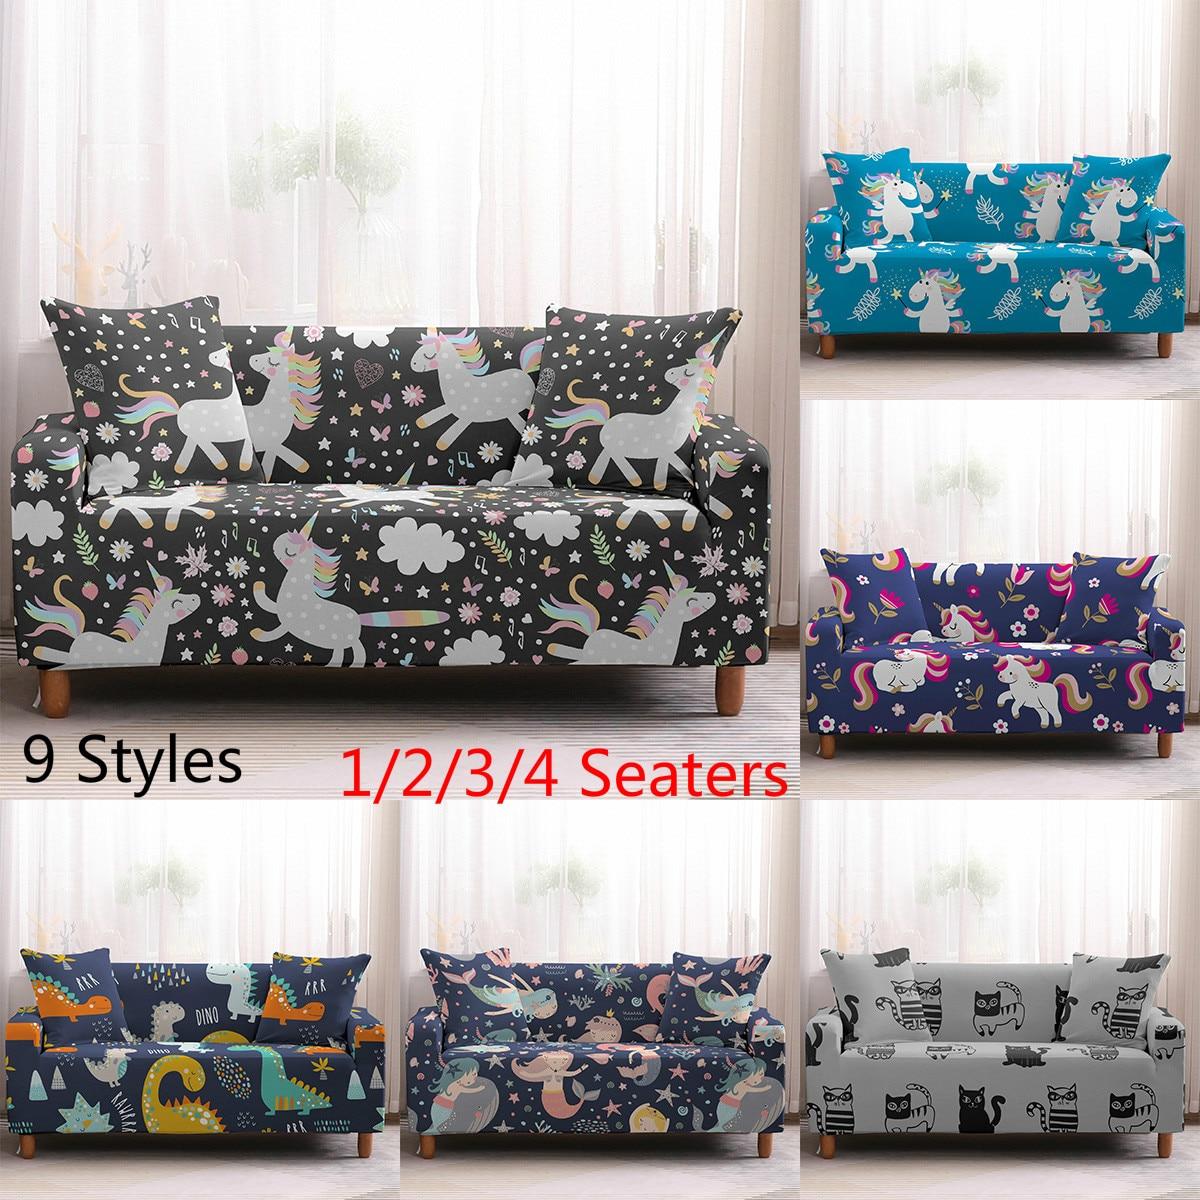 يونيكورن الكرتون غطاء أريكة الزاوية مرونة لغرفة المعيشة الخيال قابل للغسل لمط السماء الزرقاء غطاء أريكة I شكل